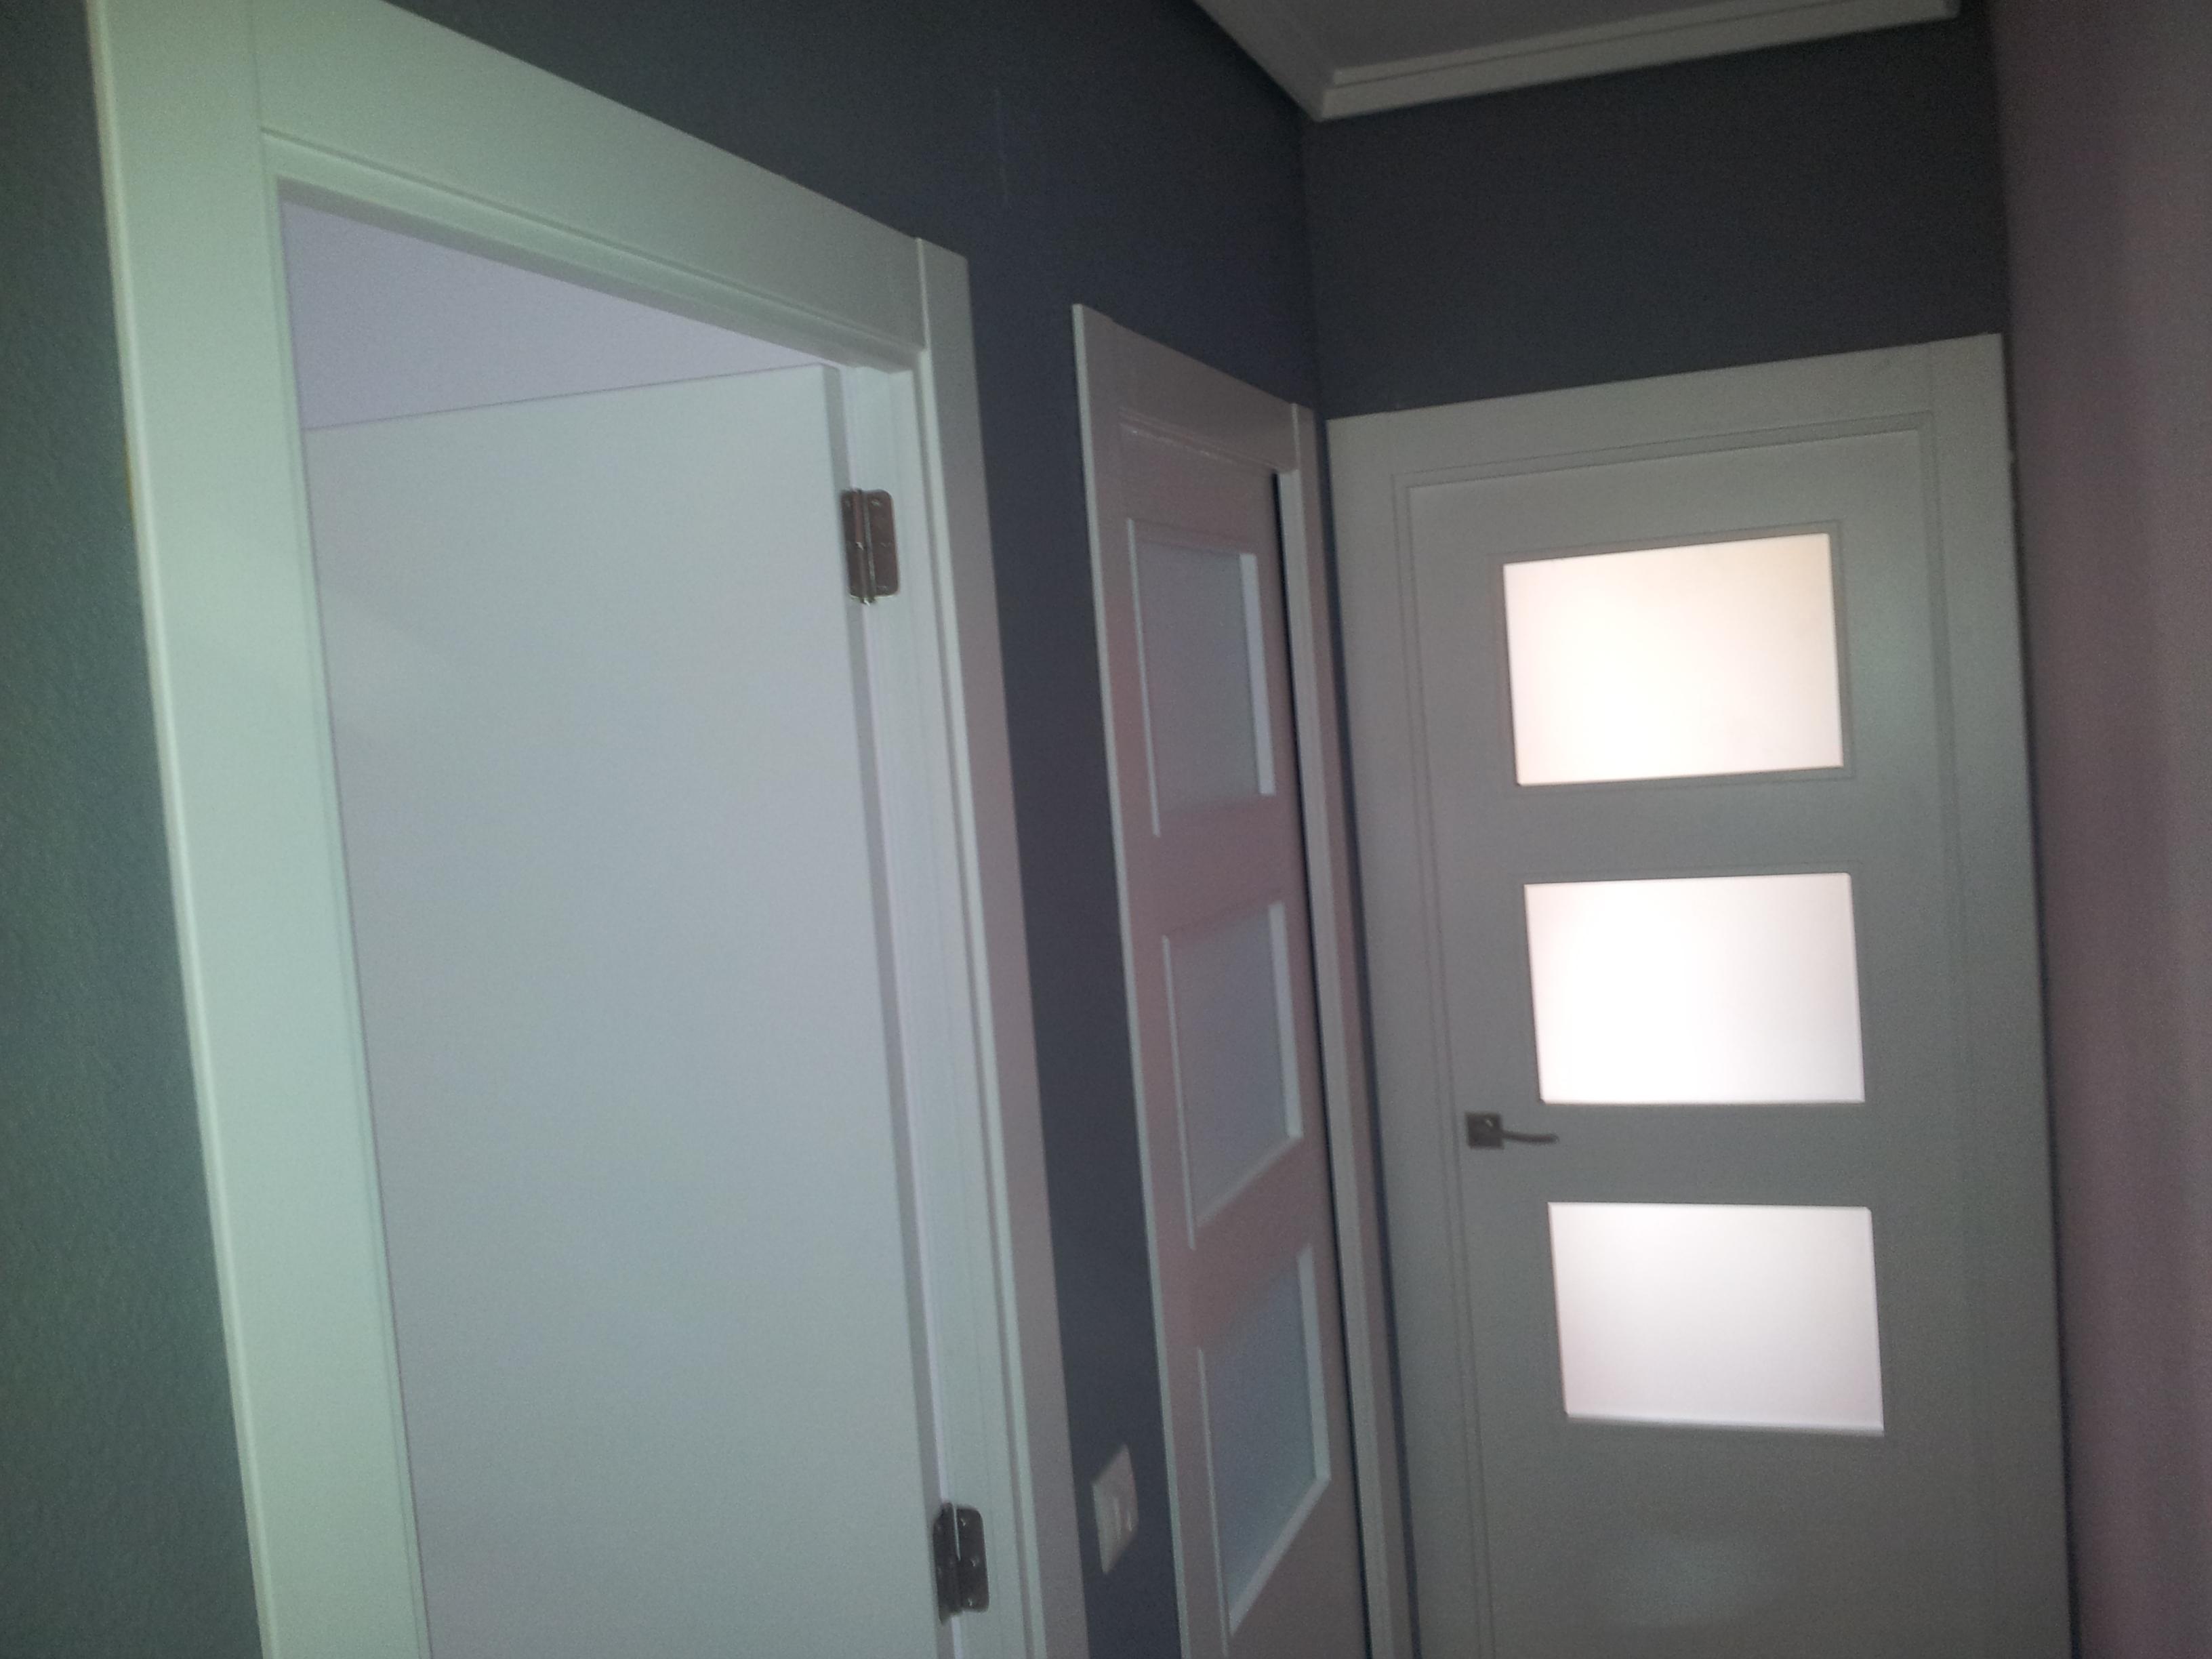 Buenos acabados en puertas lacadas adcarpinteros - Puertas lacadas en blanco ...